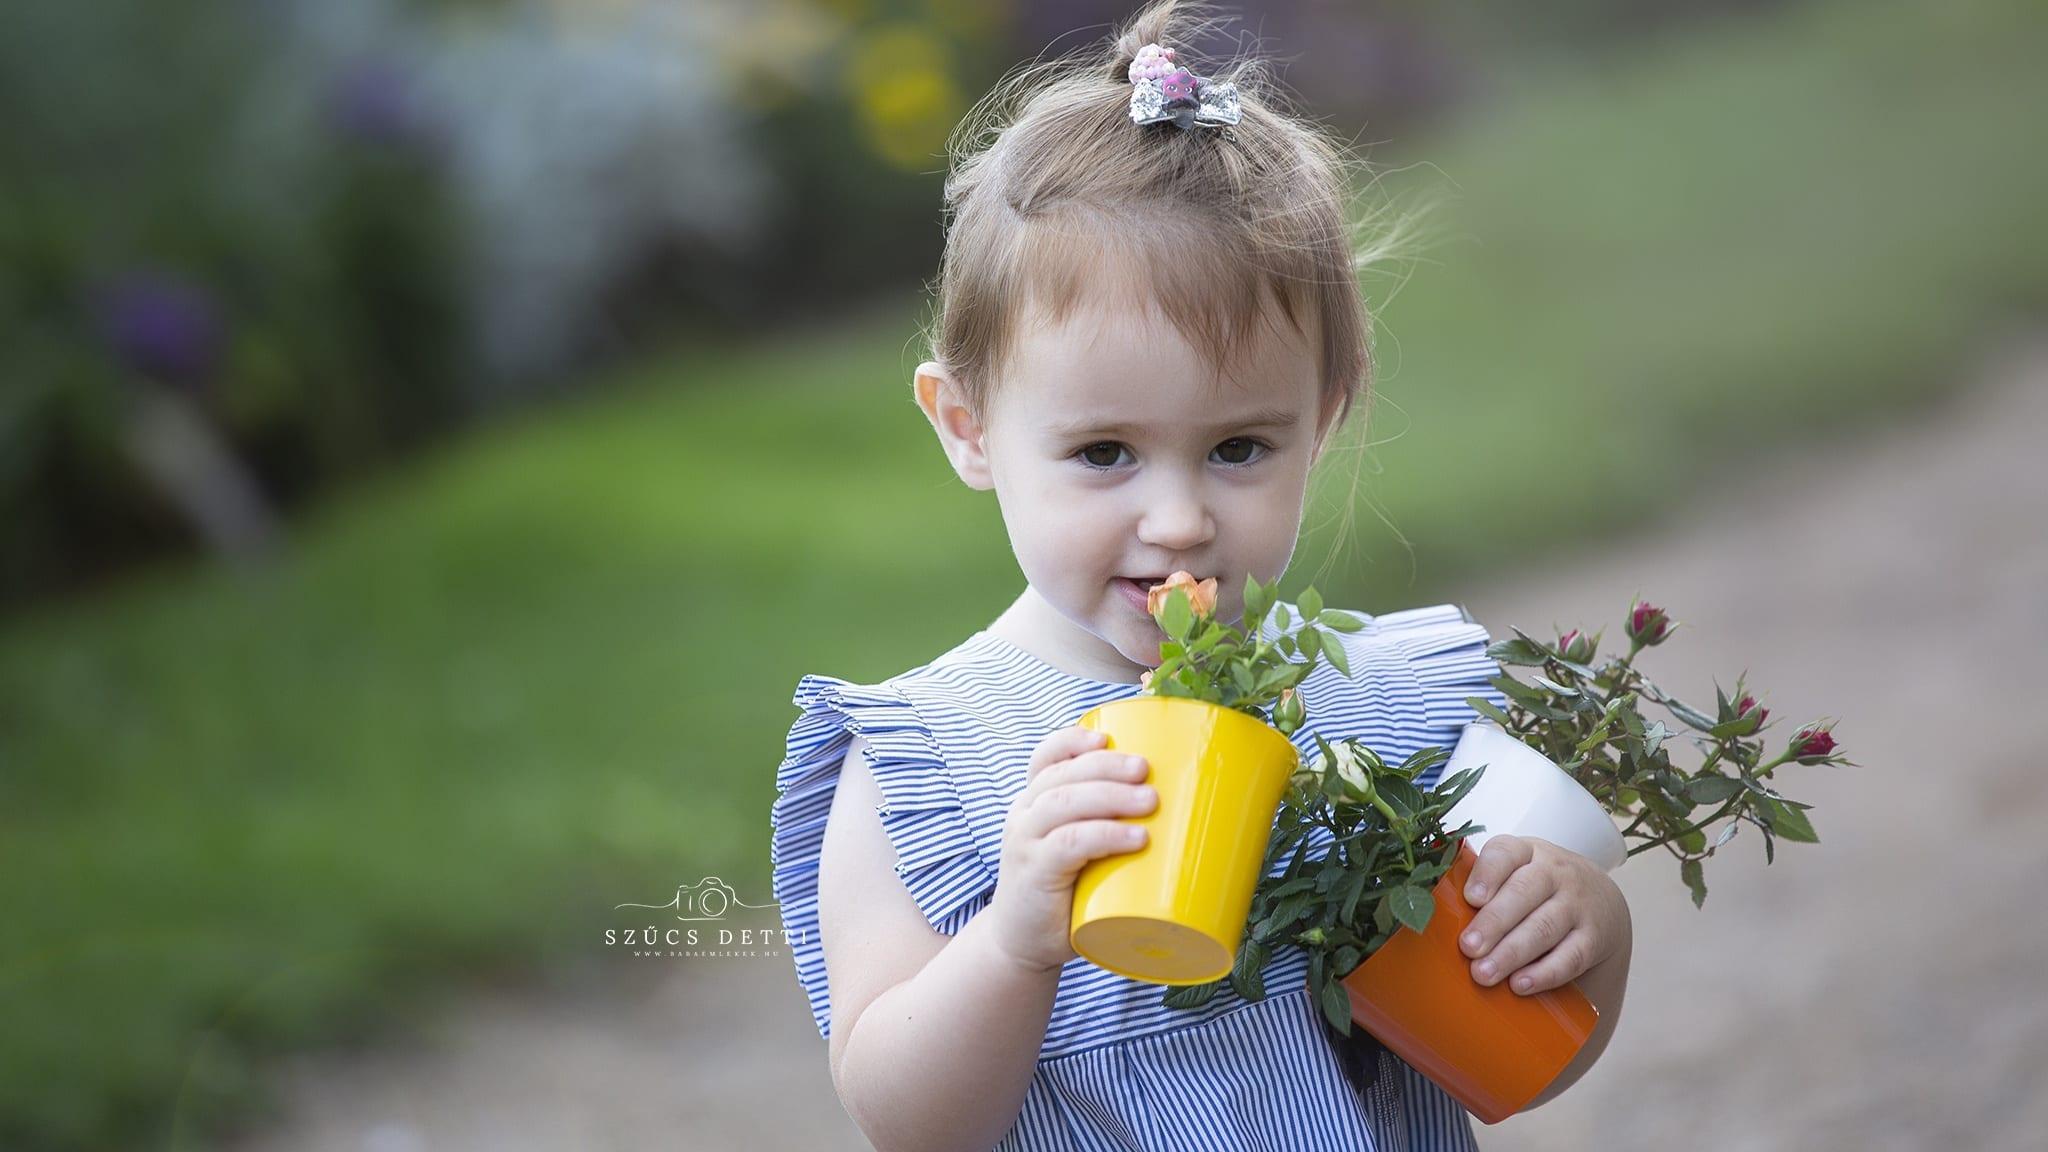 Virágos kültéri gyermekfotózás nyáron